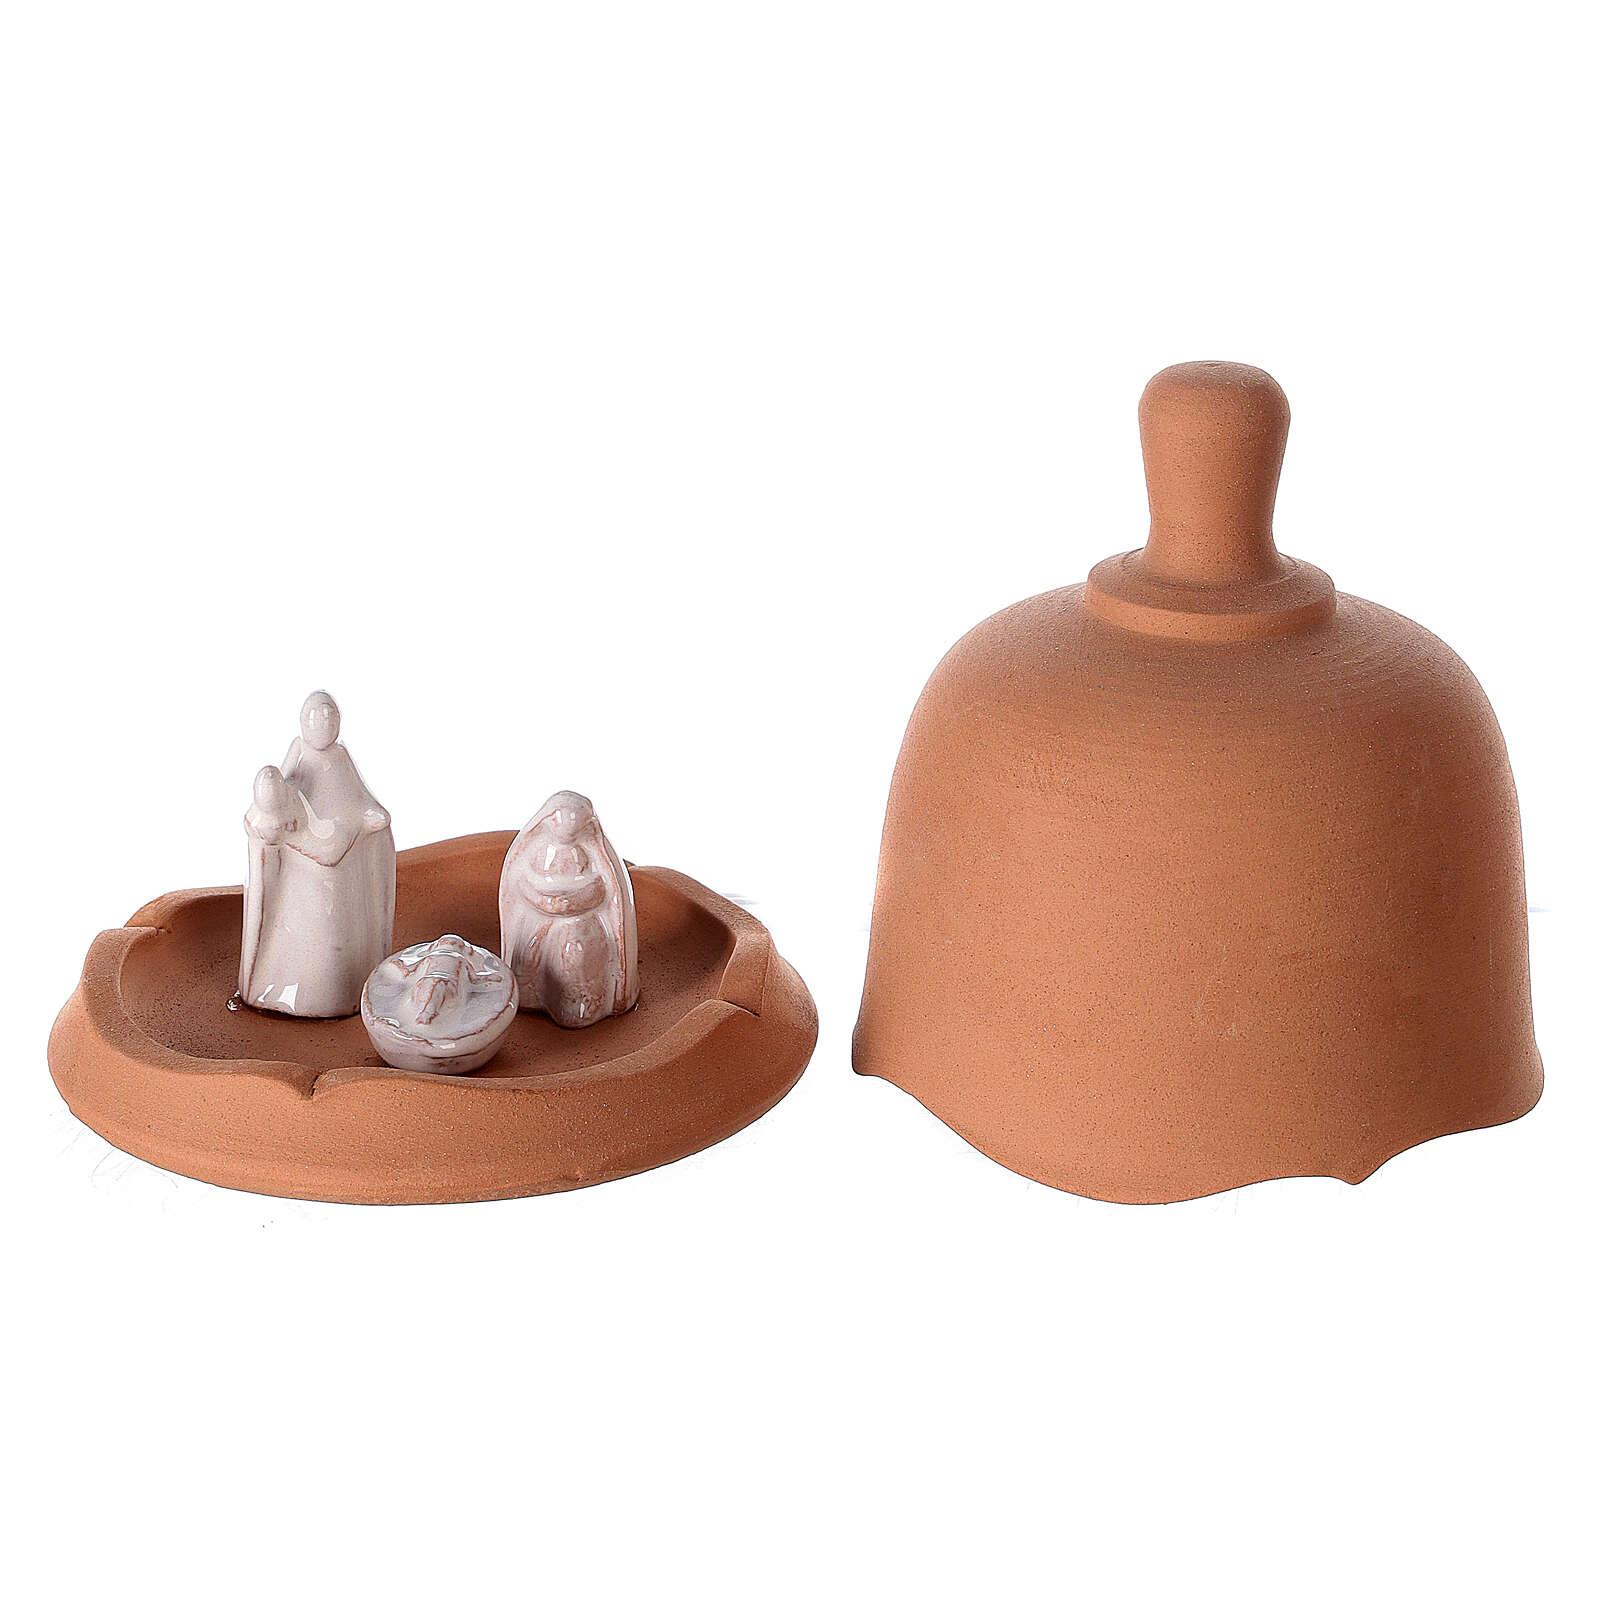 Nativité clochette ouvrante terre cuite naturelle santons blancs Deruta 10 cm 4